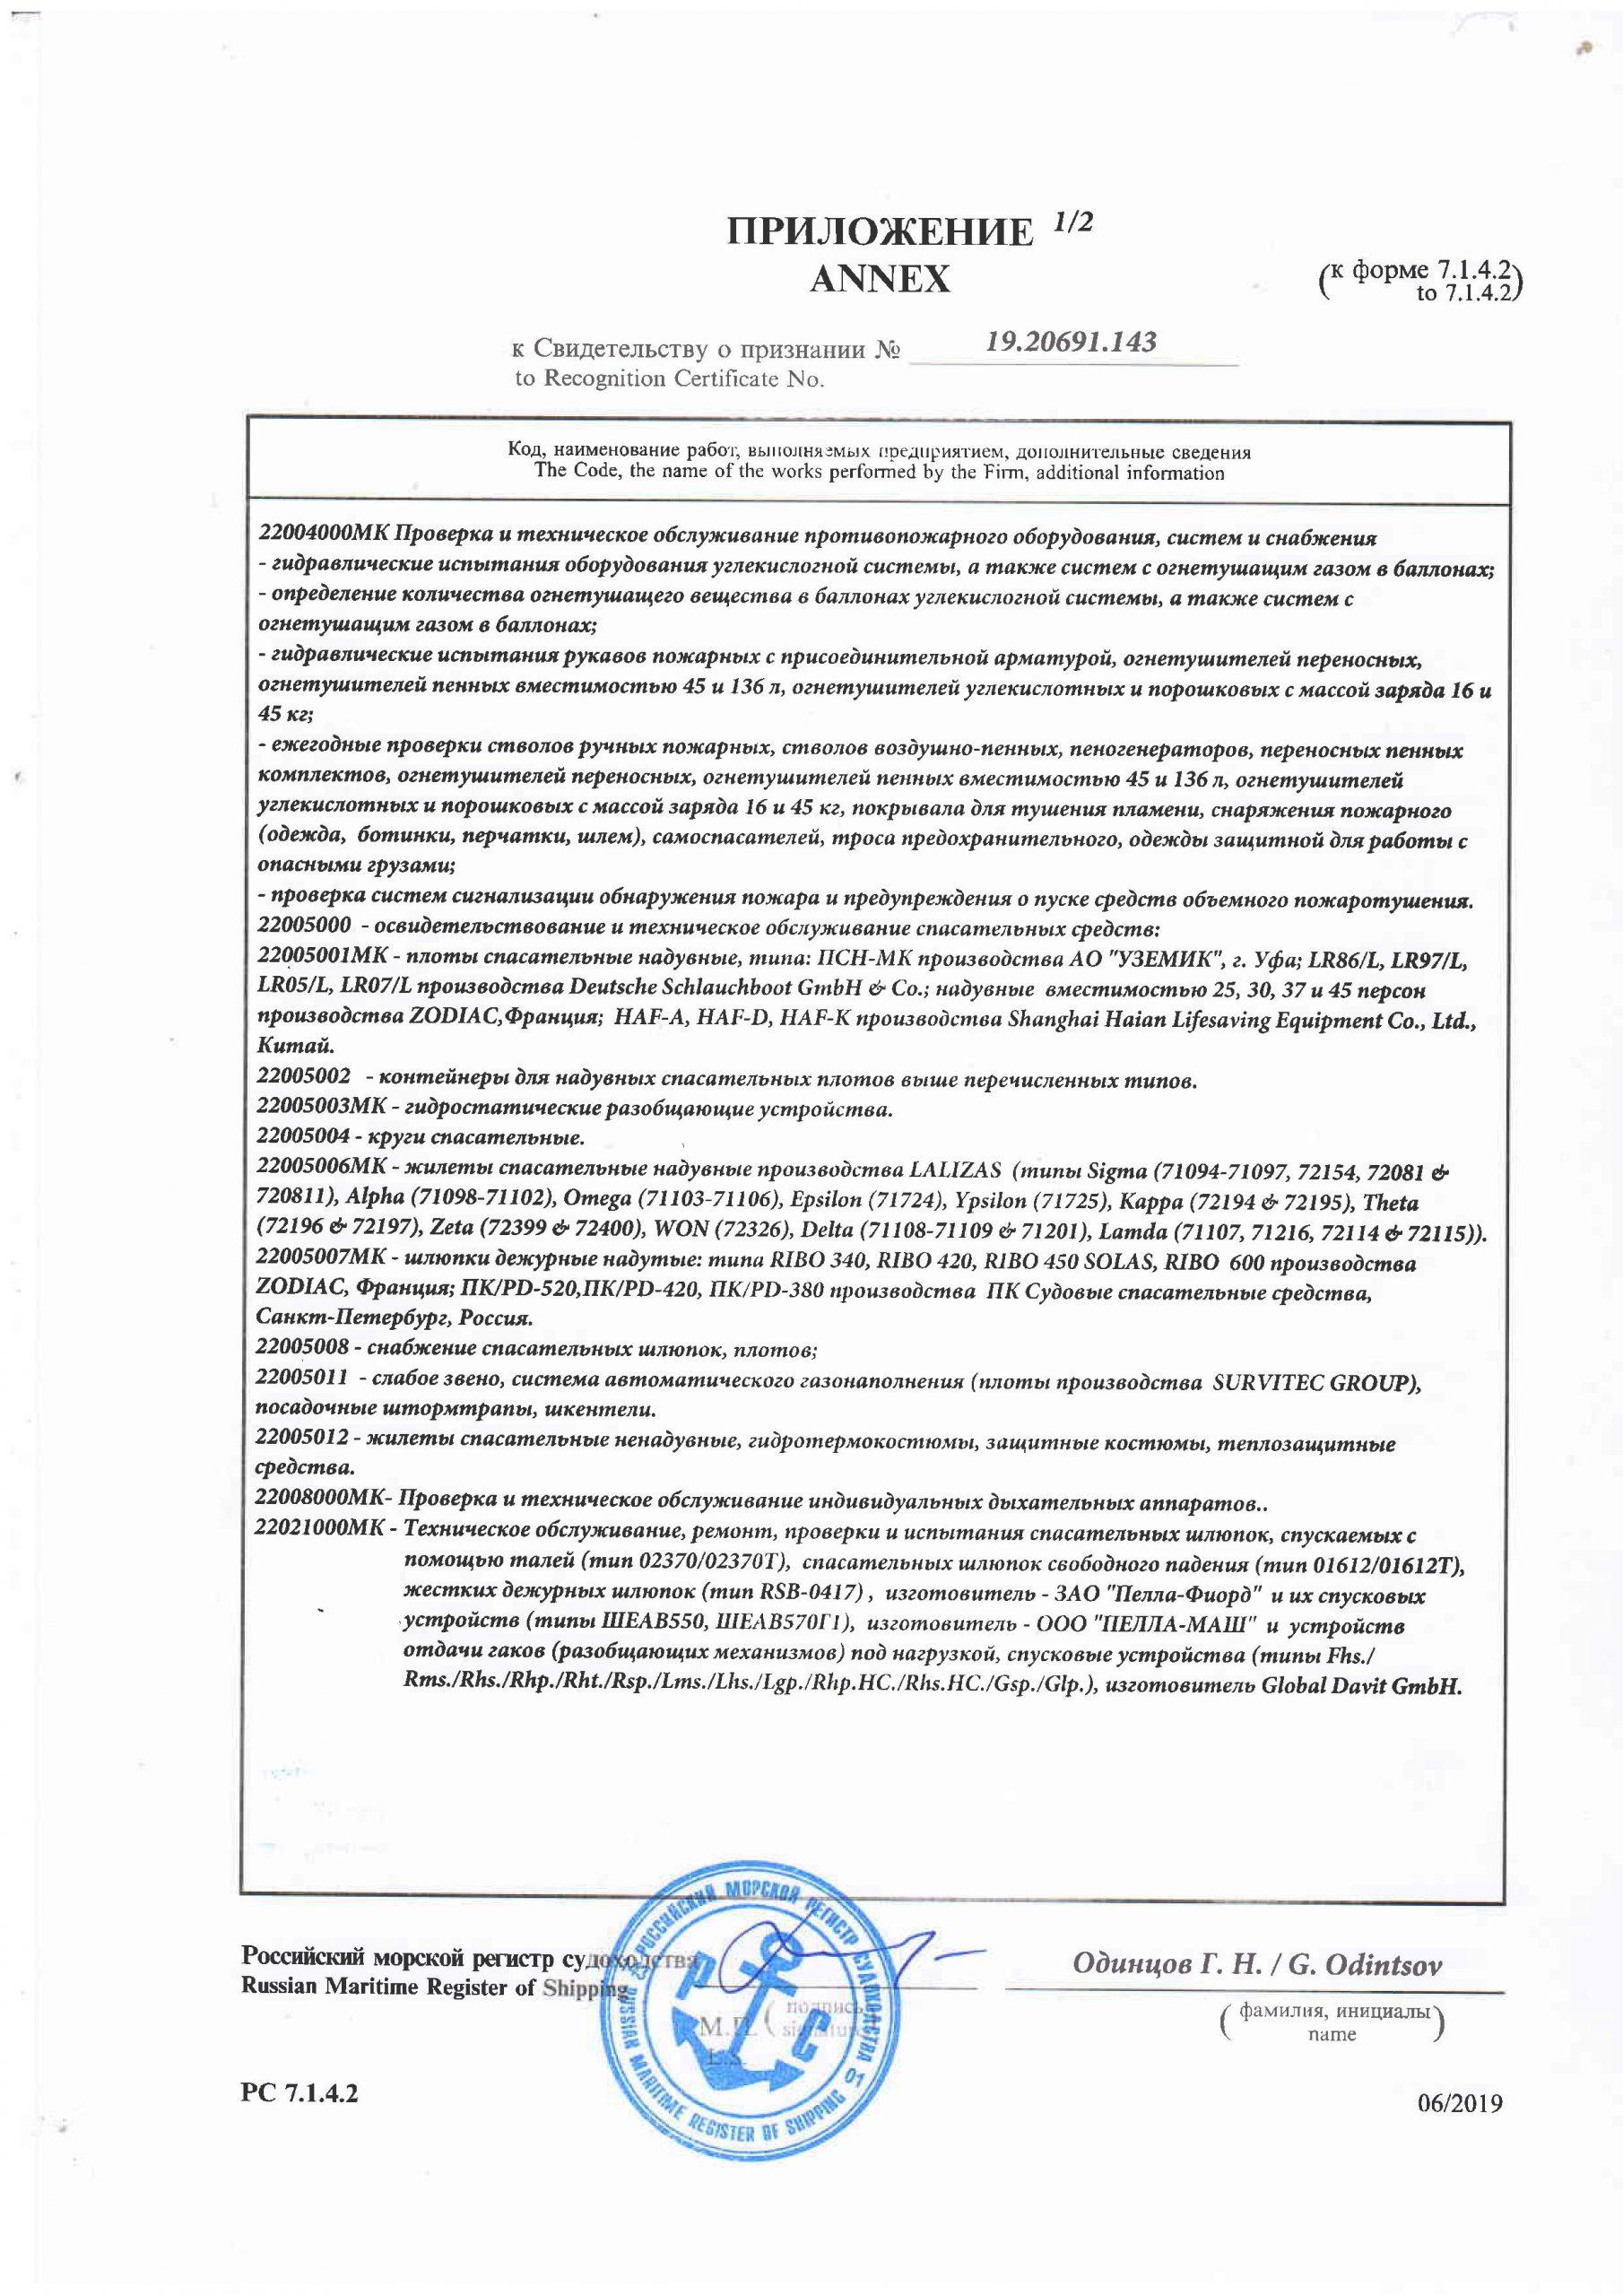 Свид. о признании ССЗС, МНУ приложение